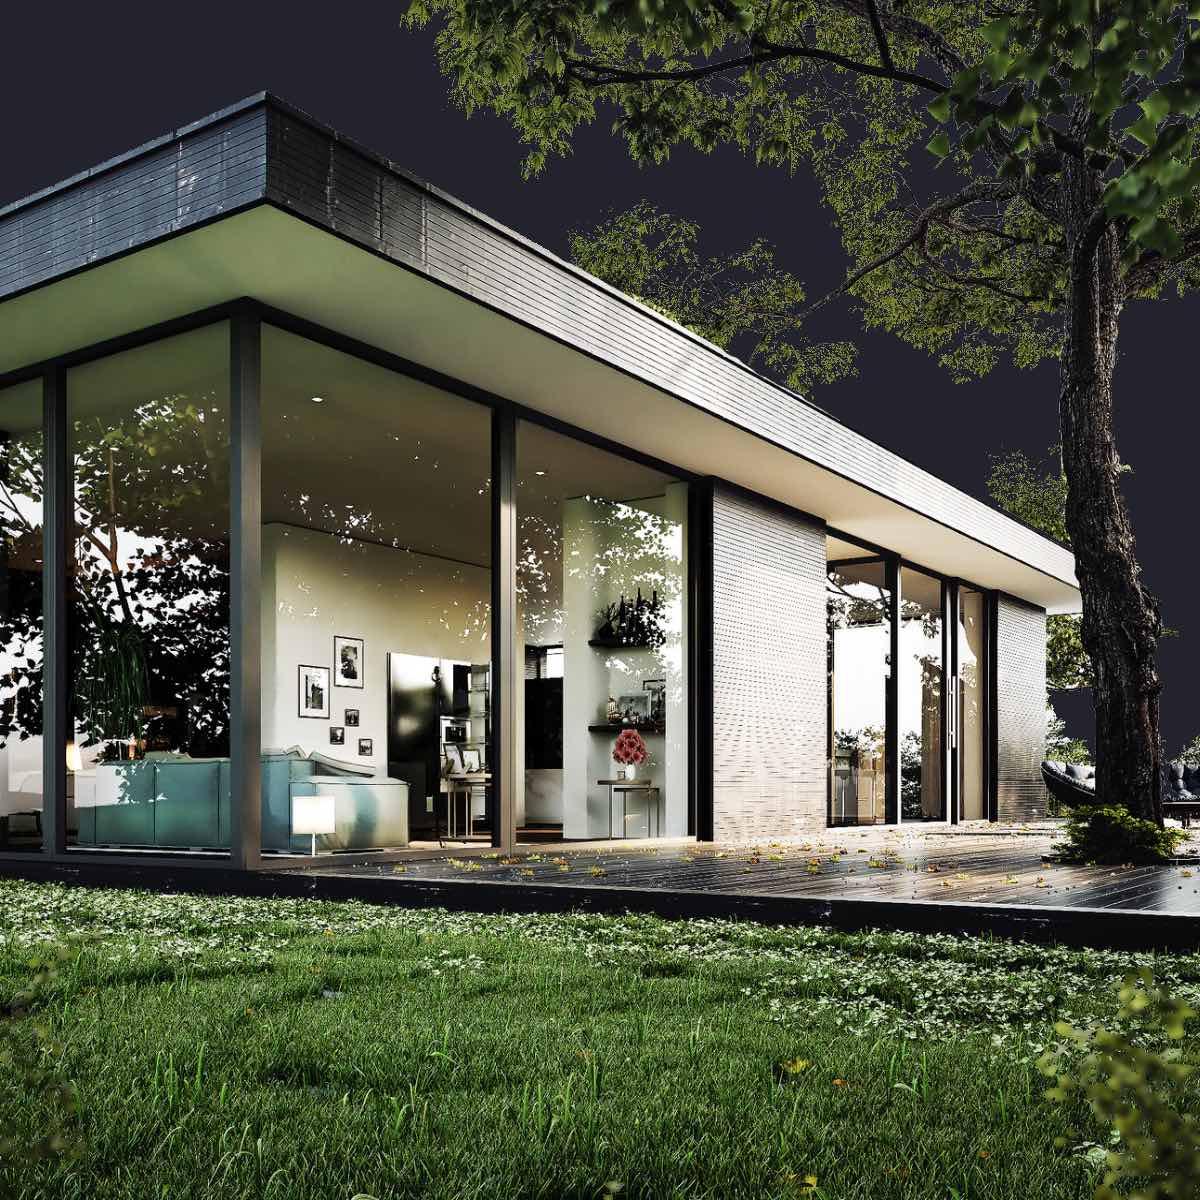 Architektur Visualisirung von einem Haus